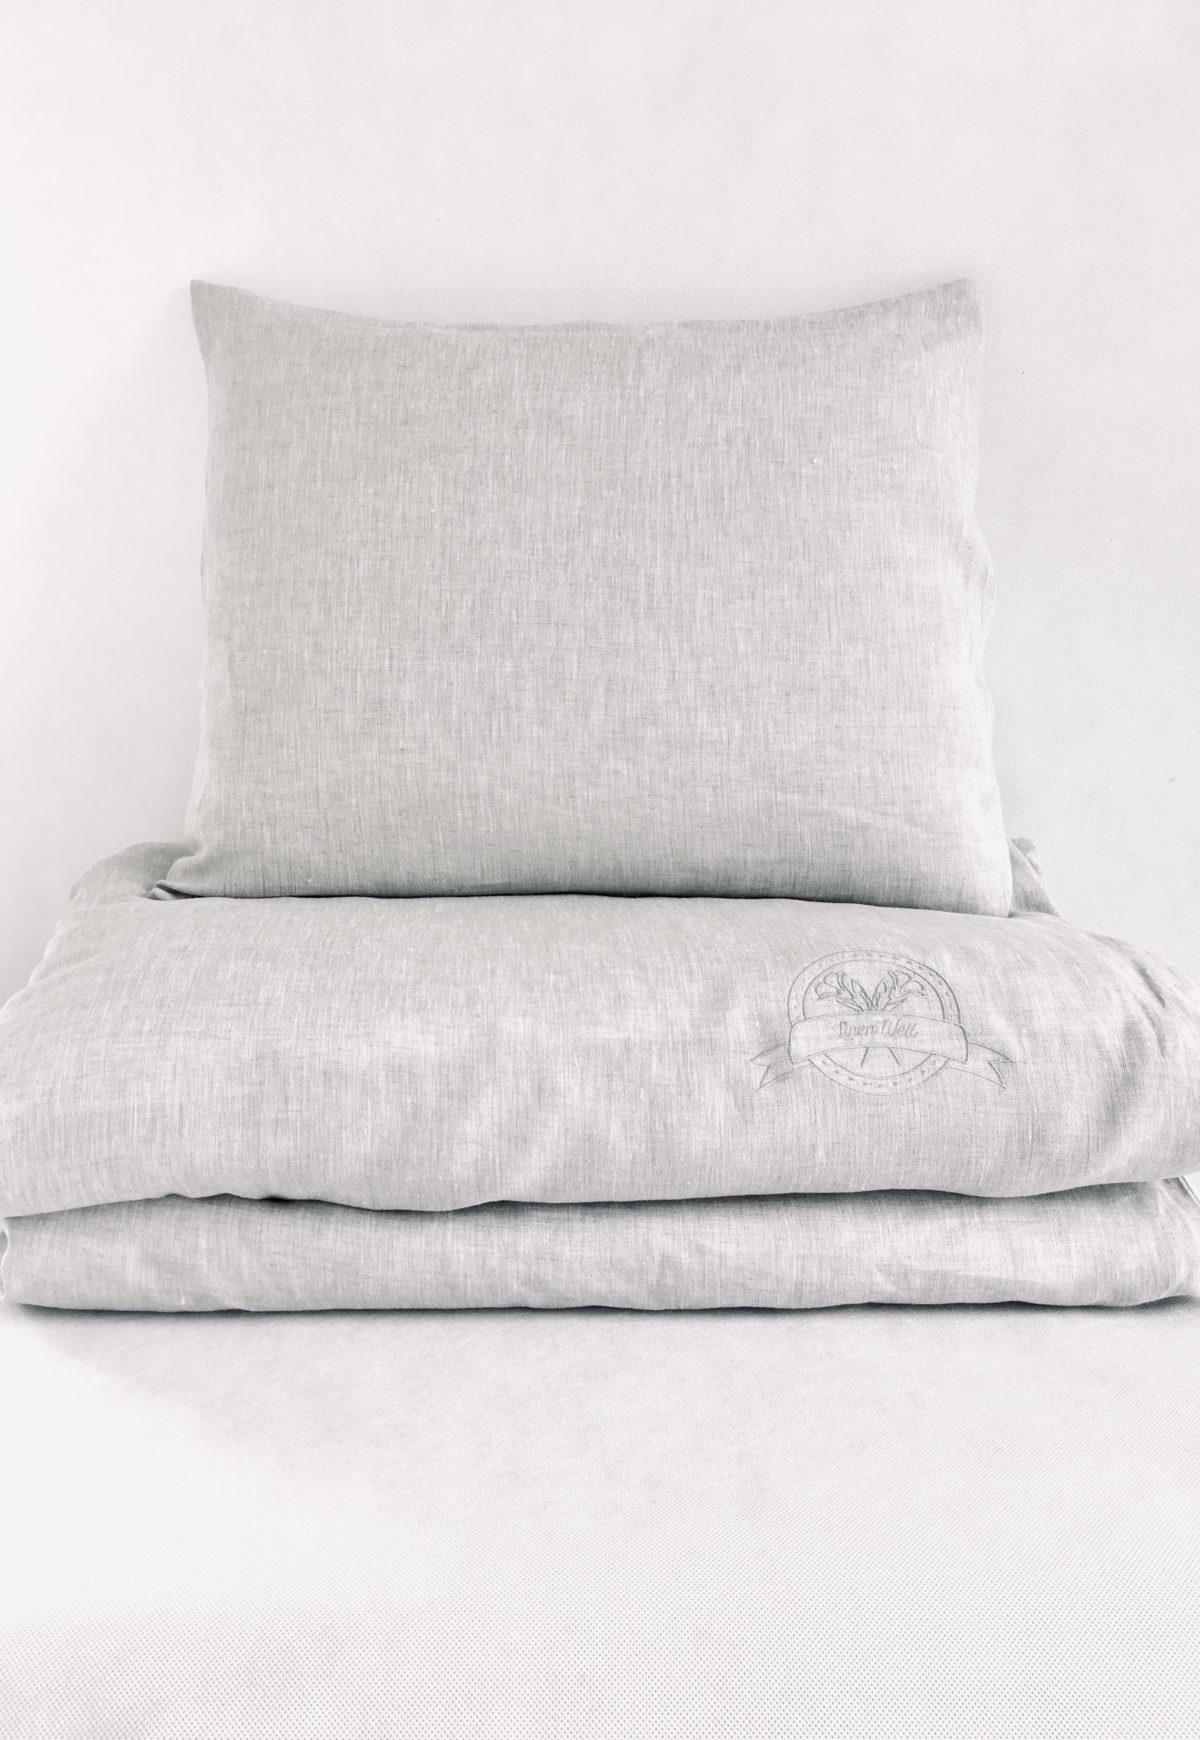 Single Bedlinen Set + Flat Sheet 100% linen